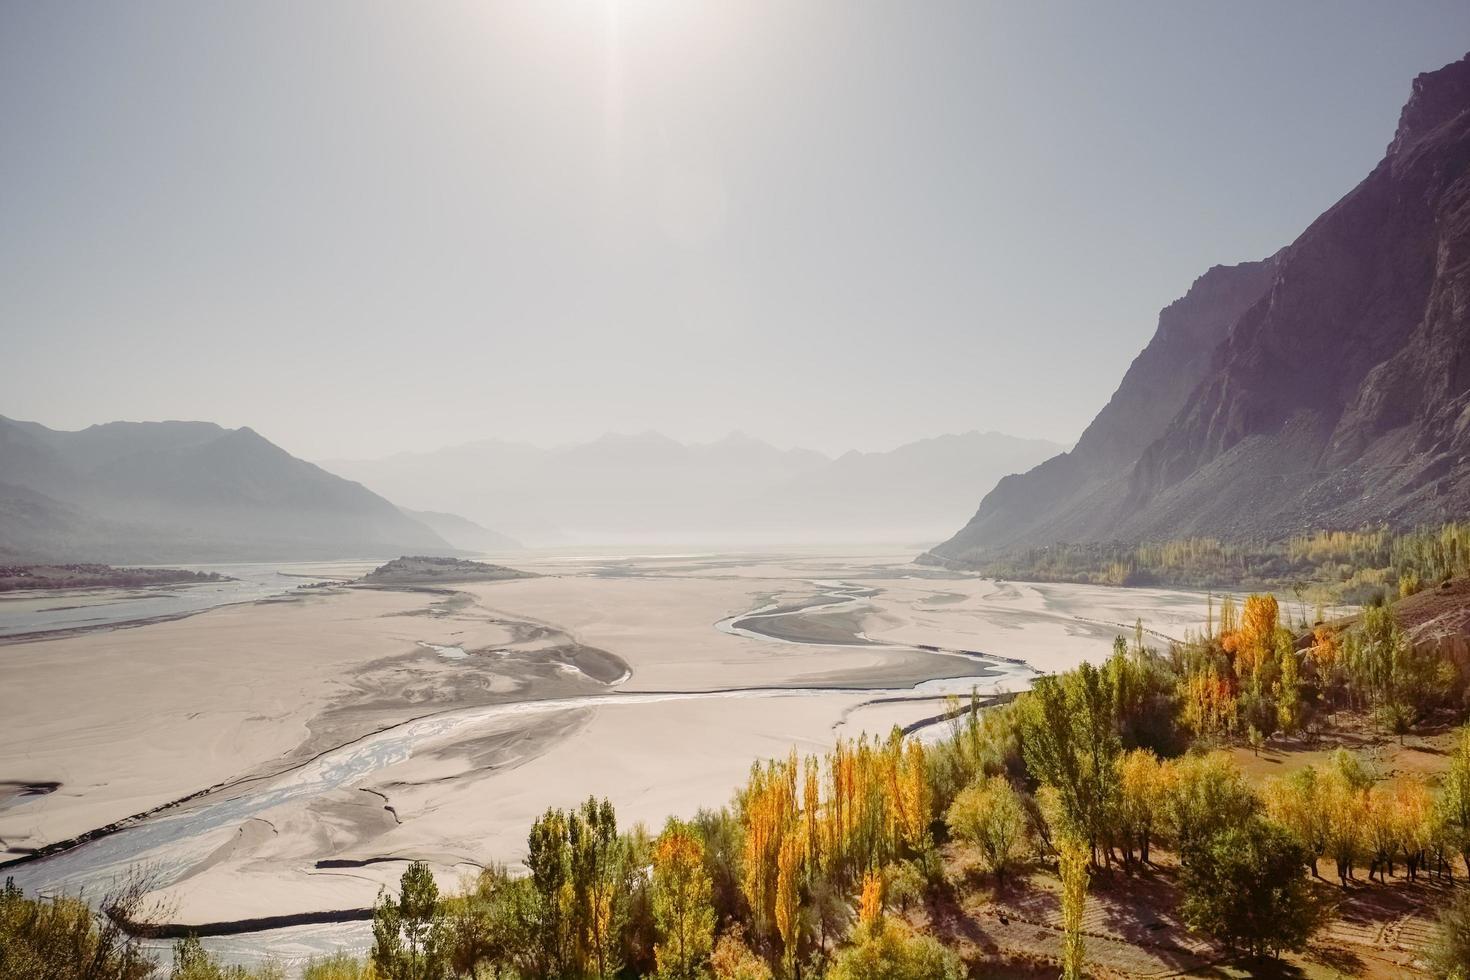 Vue sur la rivière indus qui coule à travers le désert de katpana photo